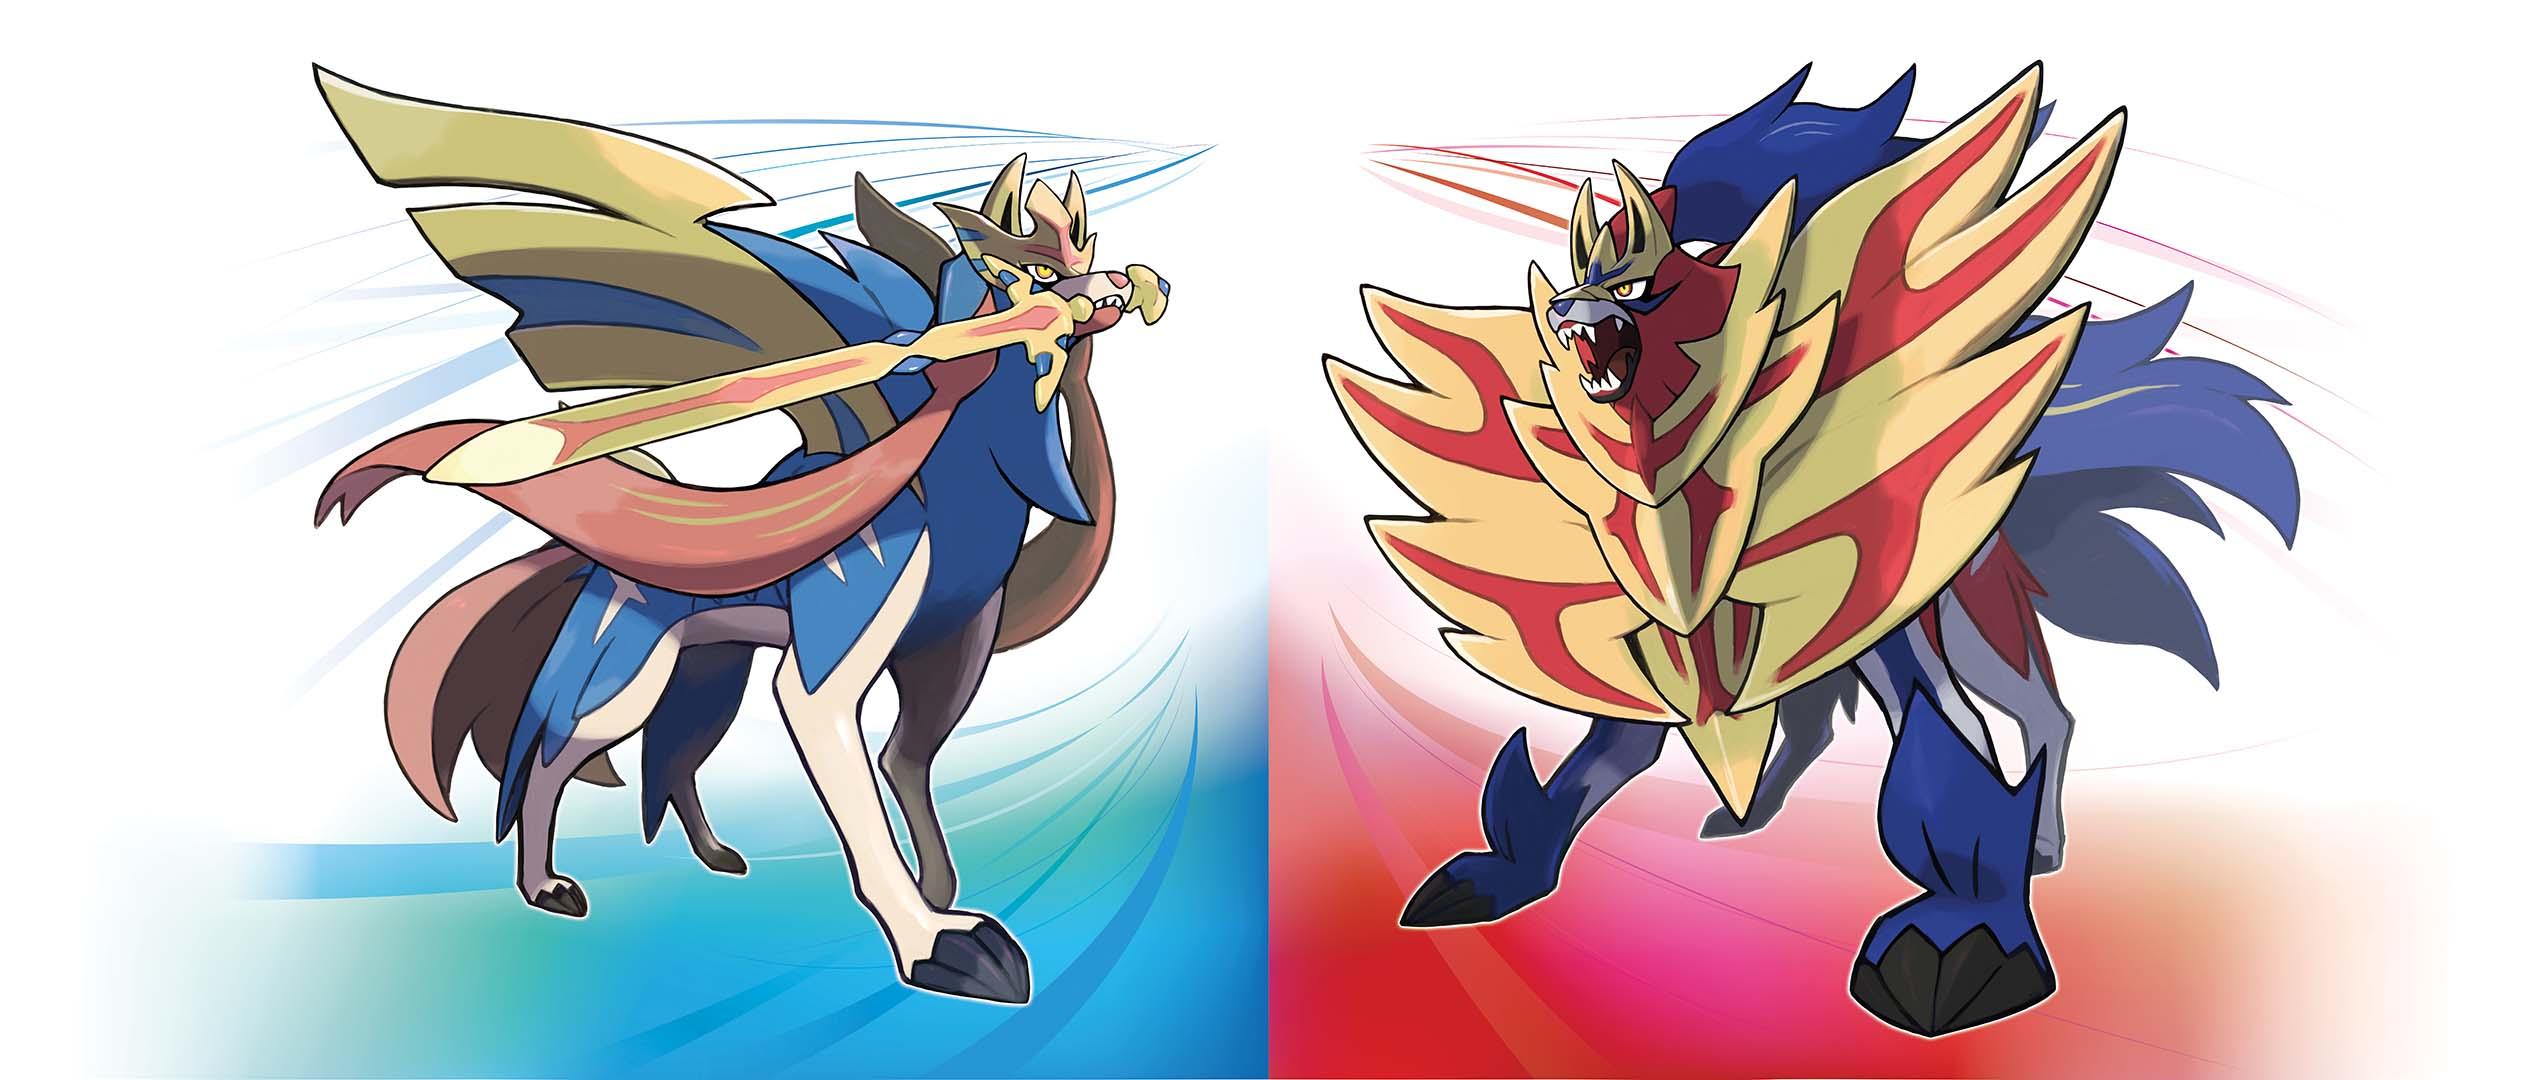 Pokemon Sword and Shield Lançamento 15 de novembro, Novos Detalhes